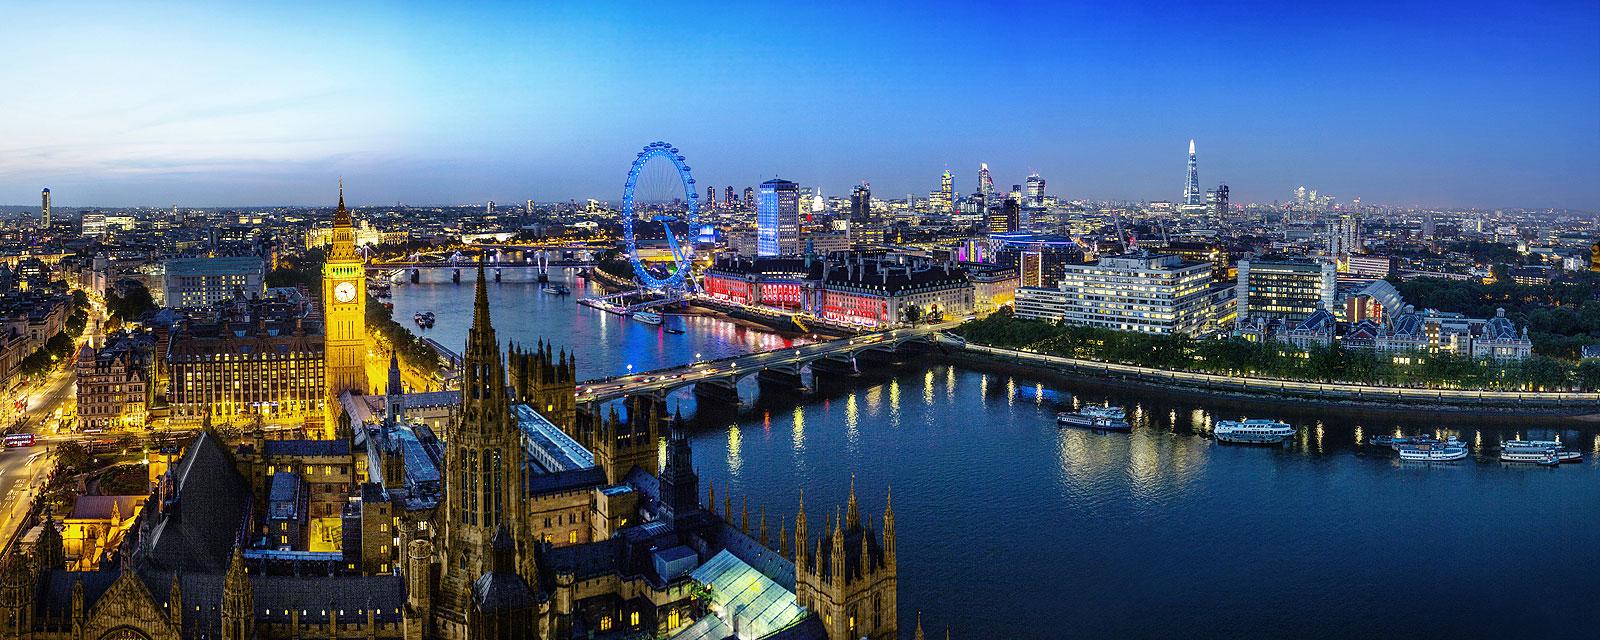 Картинки по запросу Discover London